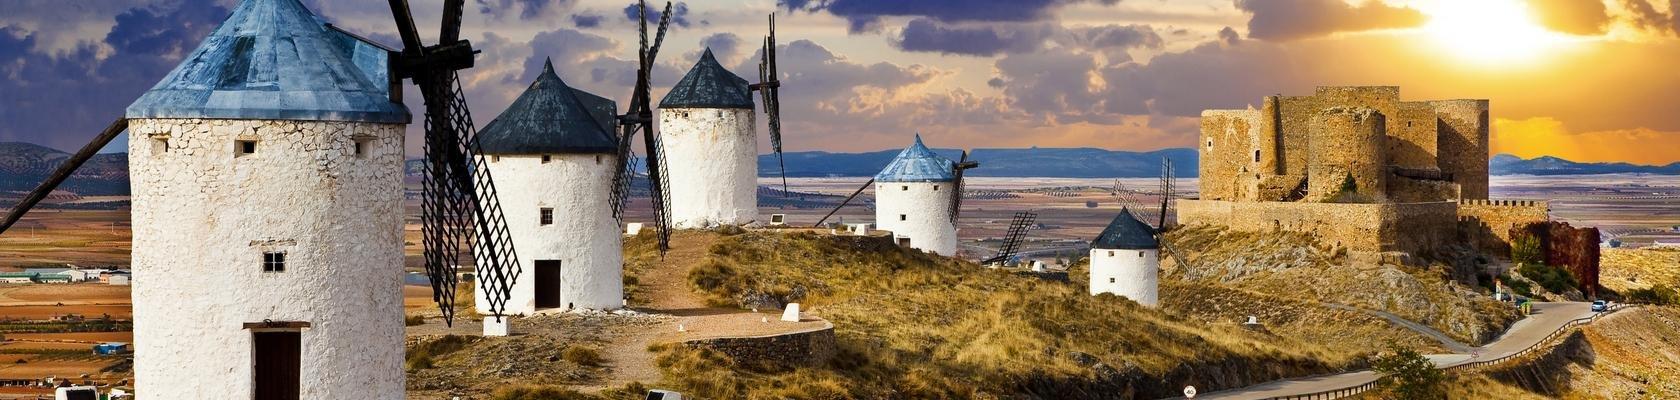 De windmolens uit het boek van Don Quichot